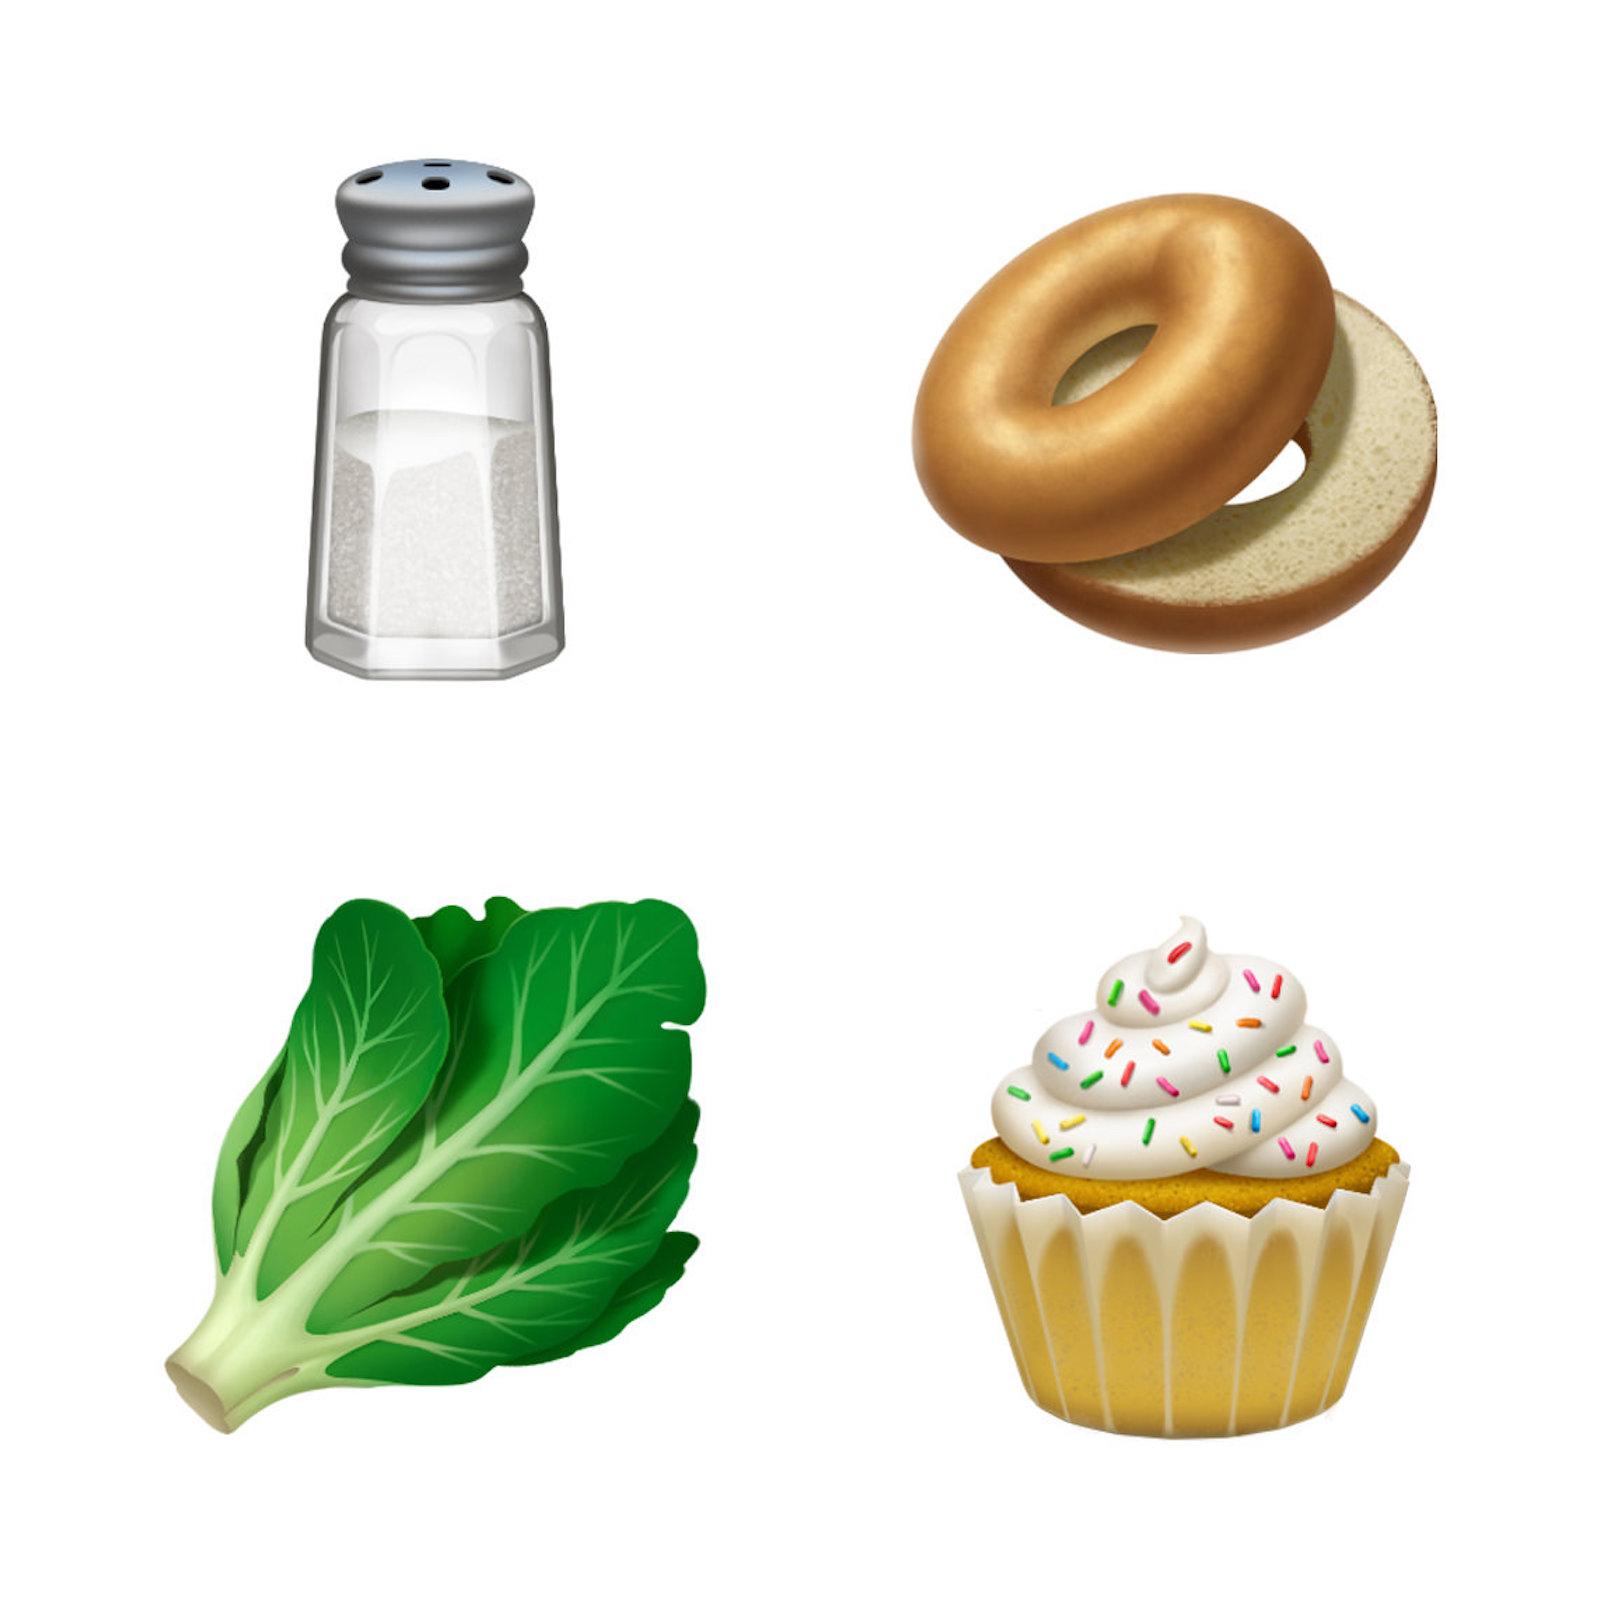 ios-121-emoji-update-salt-lettuce-bagel-cupcake-10012018.jpg